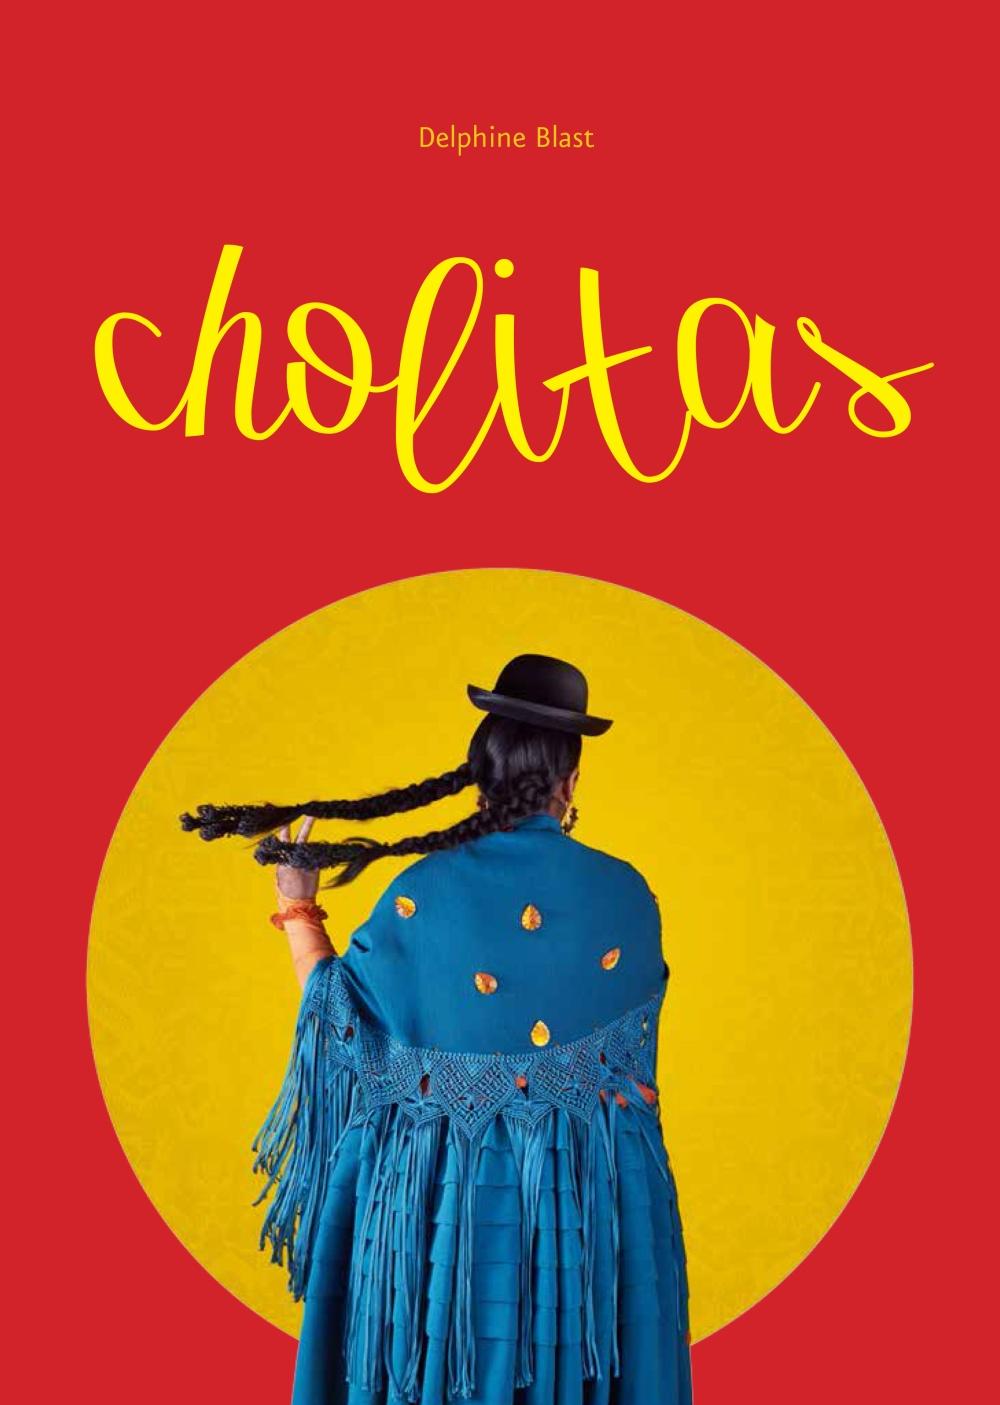 v1-cholitas-1